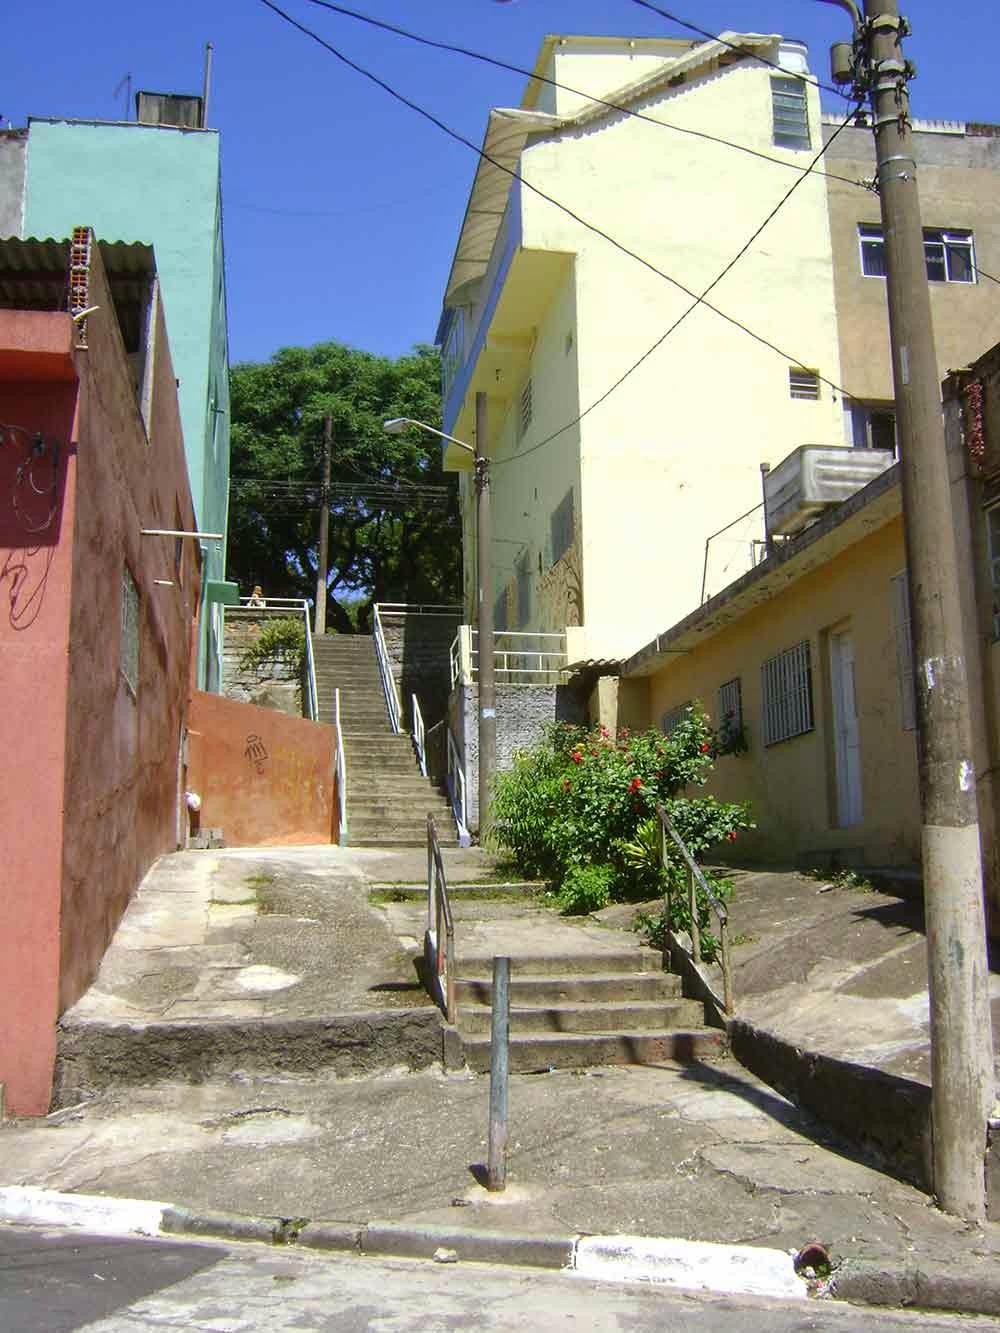 Vila Santa Isabel, bairros de São Paulo, história de São Paulo, Zona Leste de São Paulo, Vila Formosa, Vila Carrão